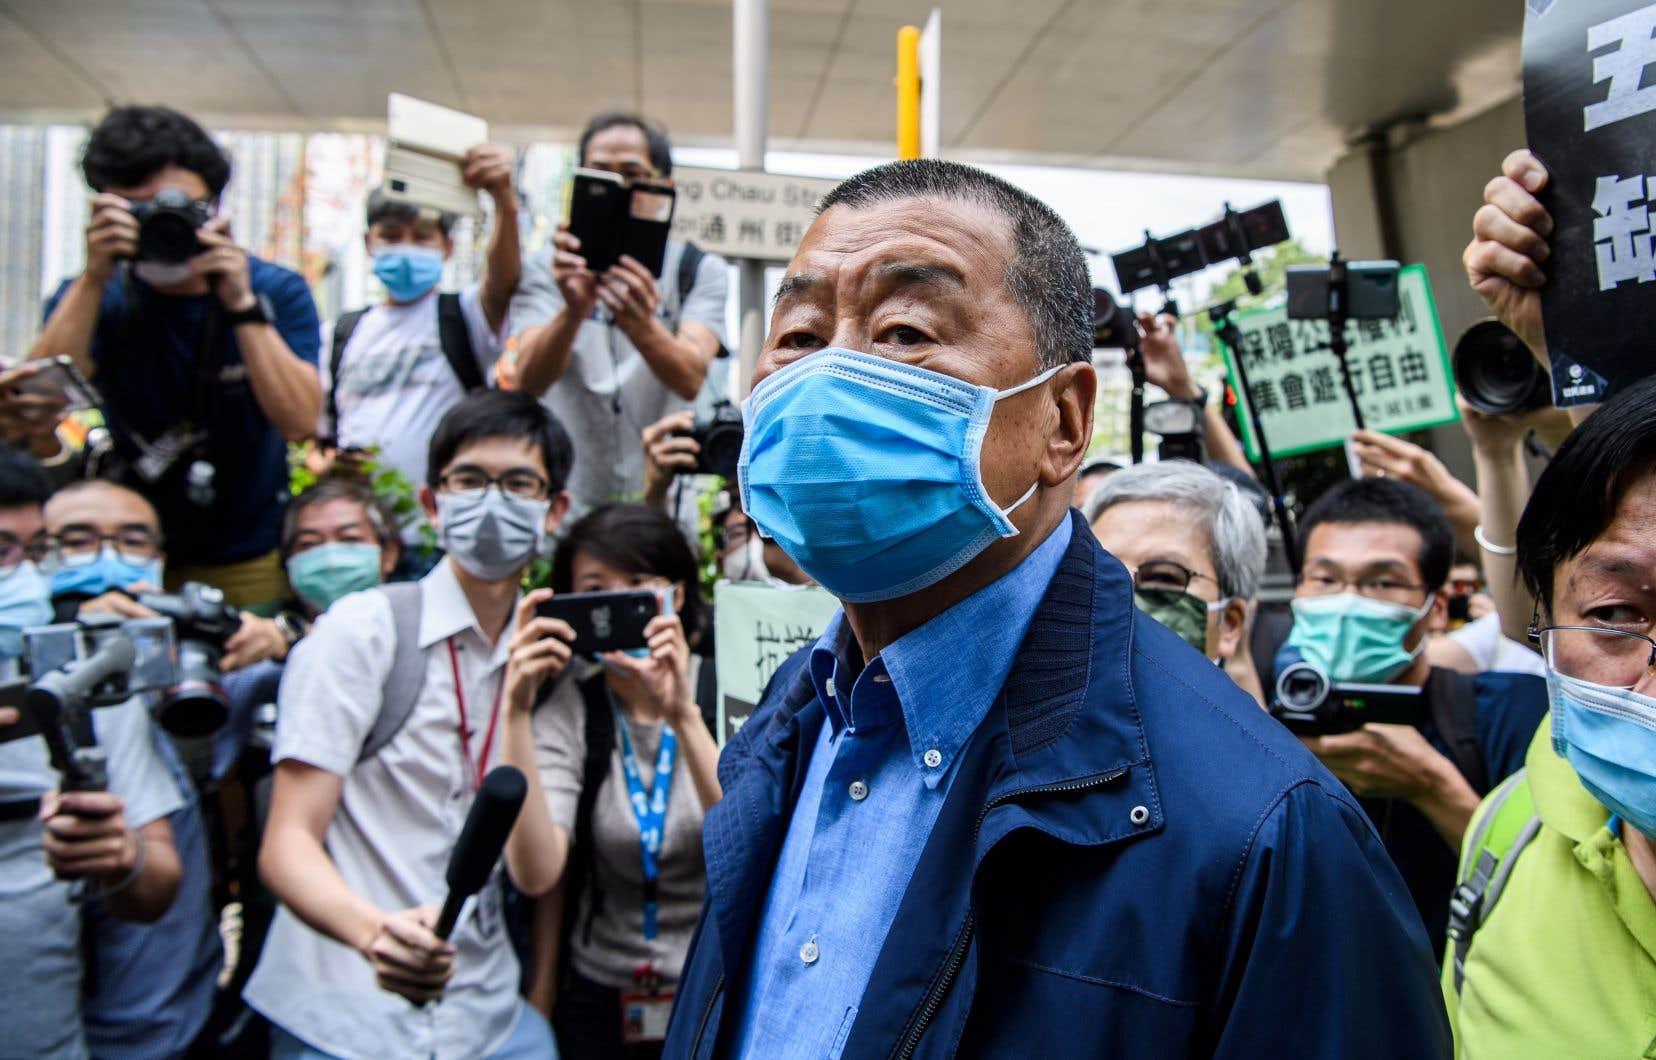 Jimmy Lai (au centre), patron du quotidien Apple Daily, avait déjà dit s'attendre à être arrêté en vertu de la nouvelle loi sur la sécurité nationale.